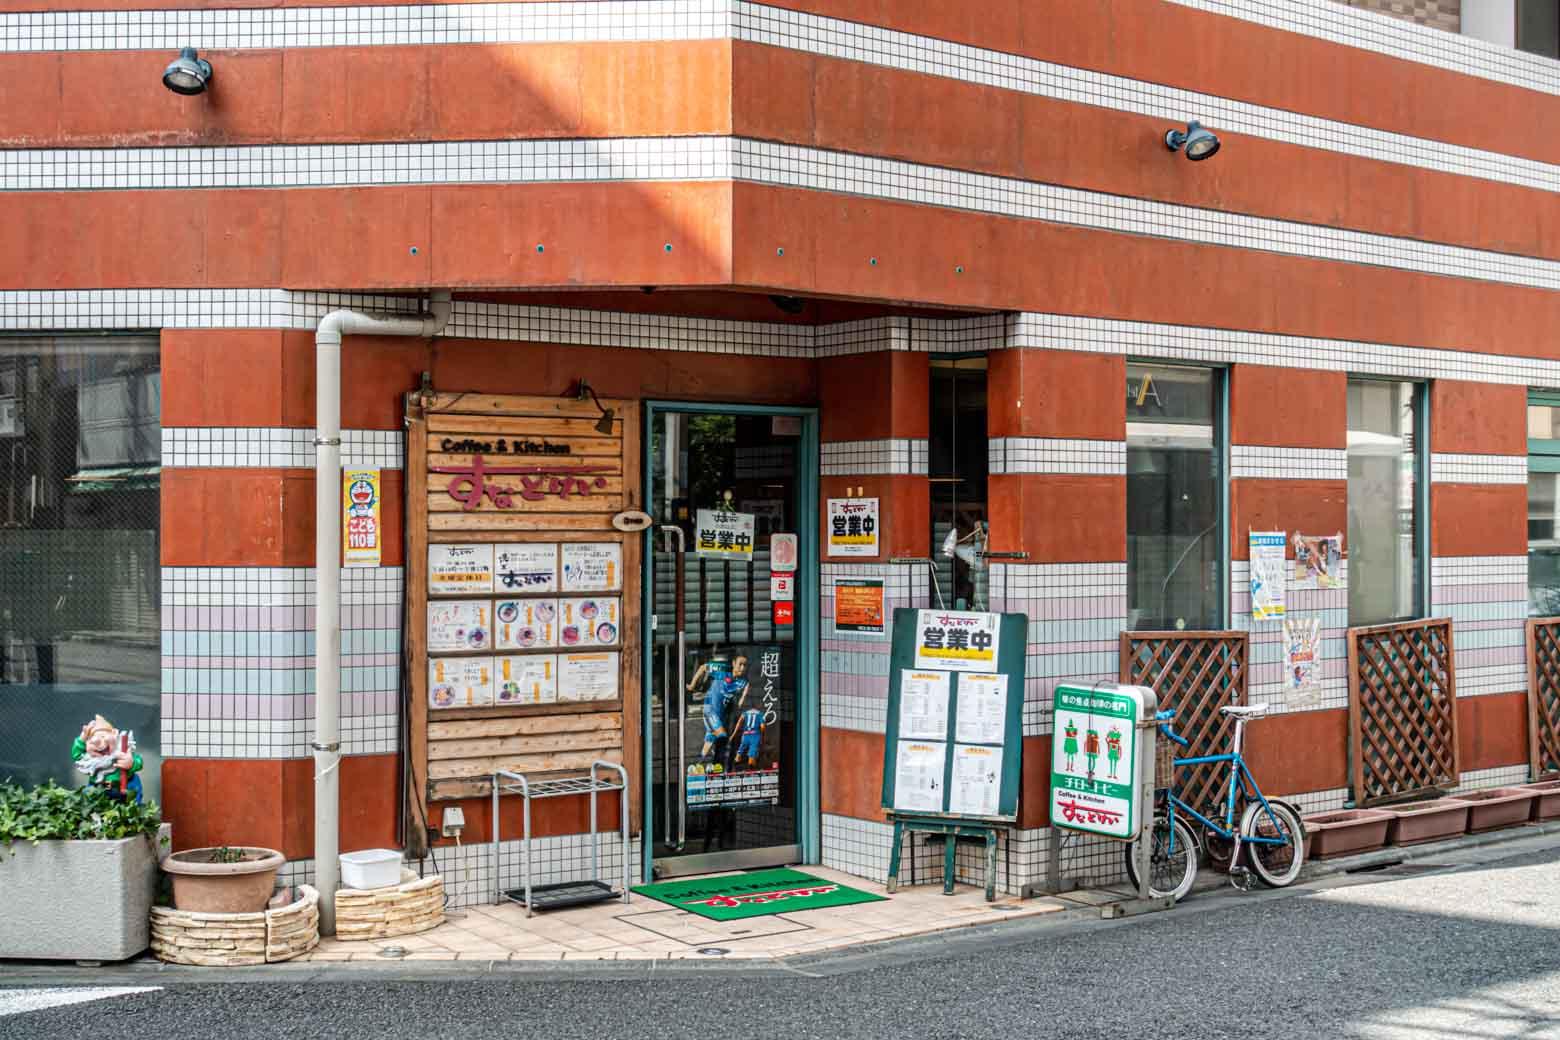 お気に入りの喫茶店〈すなどけい〉。昭和50年から営業している老舗です。コーヒーメニューが充実していて、いつもどれを頼むか迷ってしまいます。